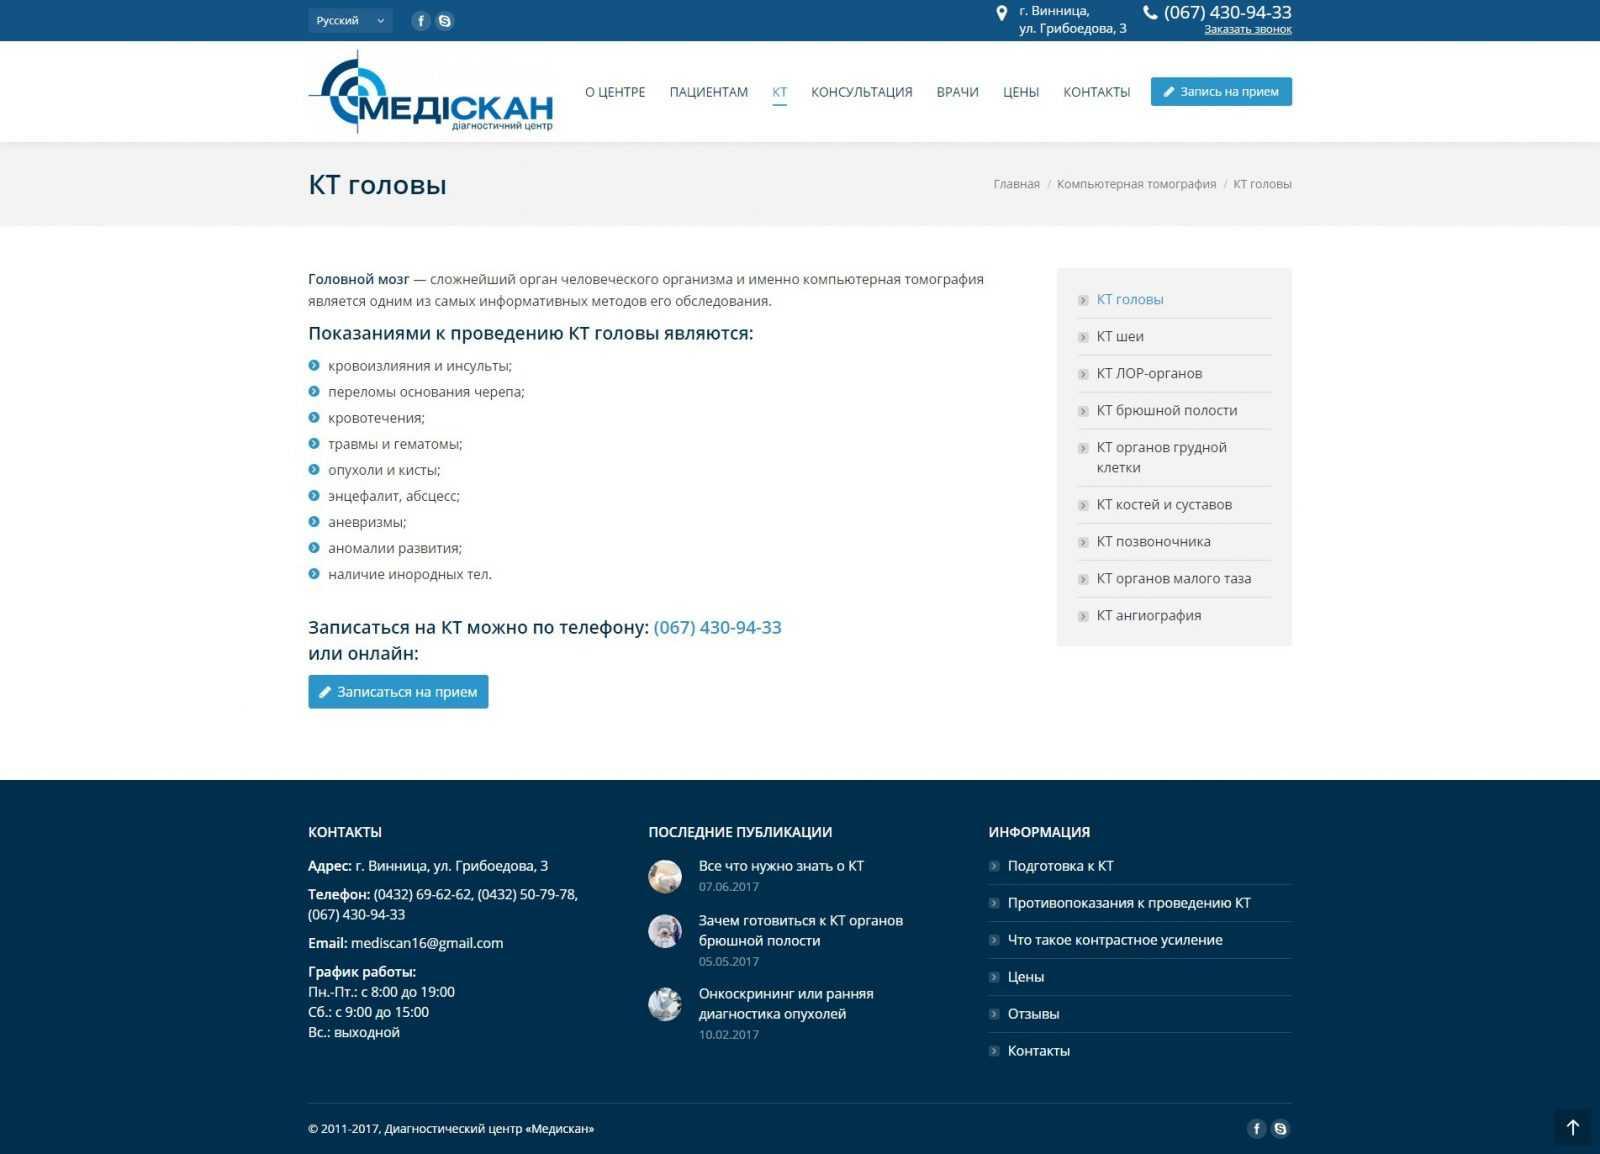 Медискан пример страницы с описанием услуг